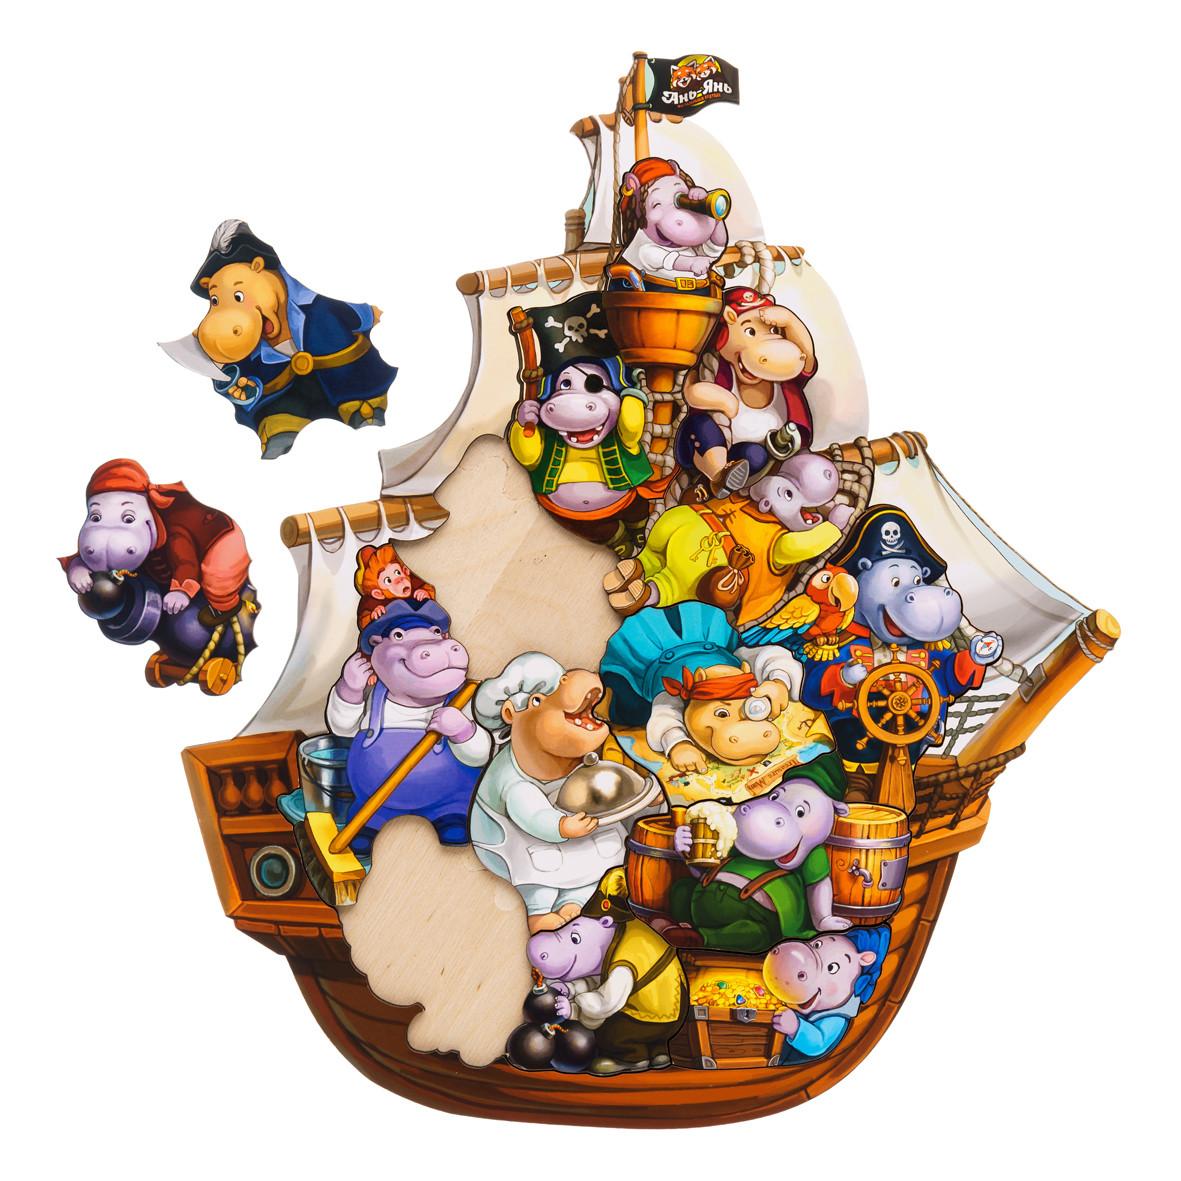 Вкладыш: Бегемотики - пираты